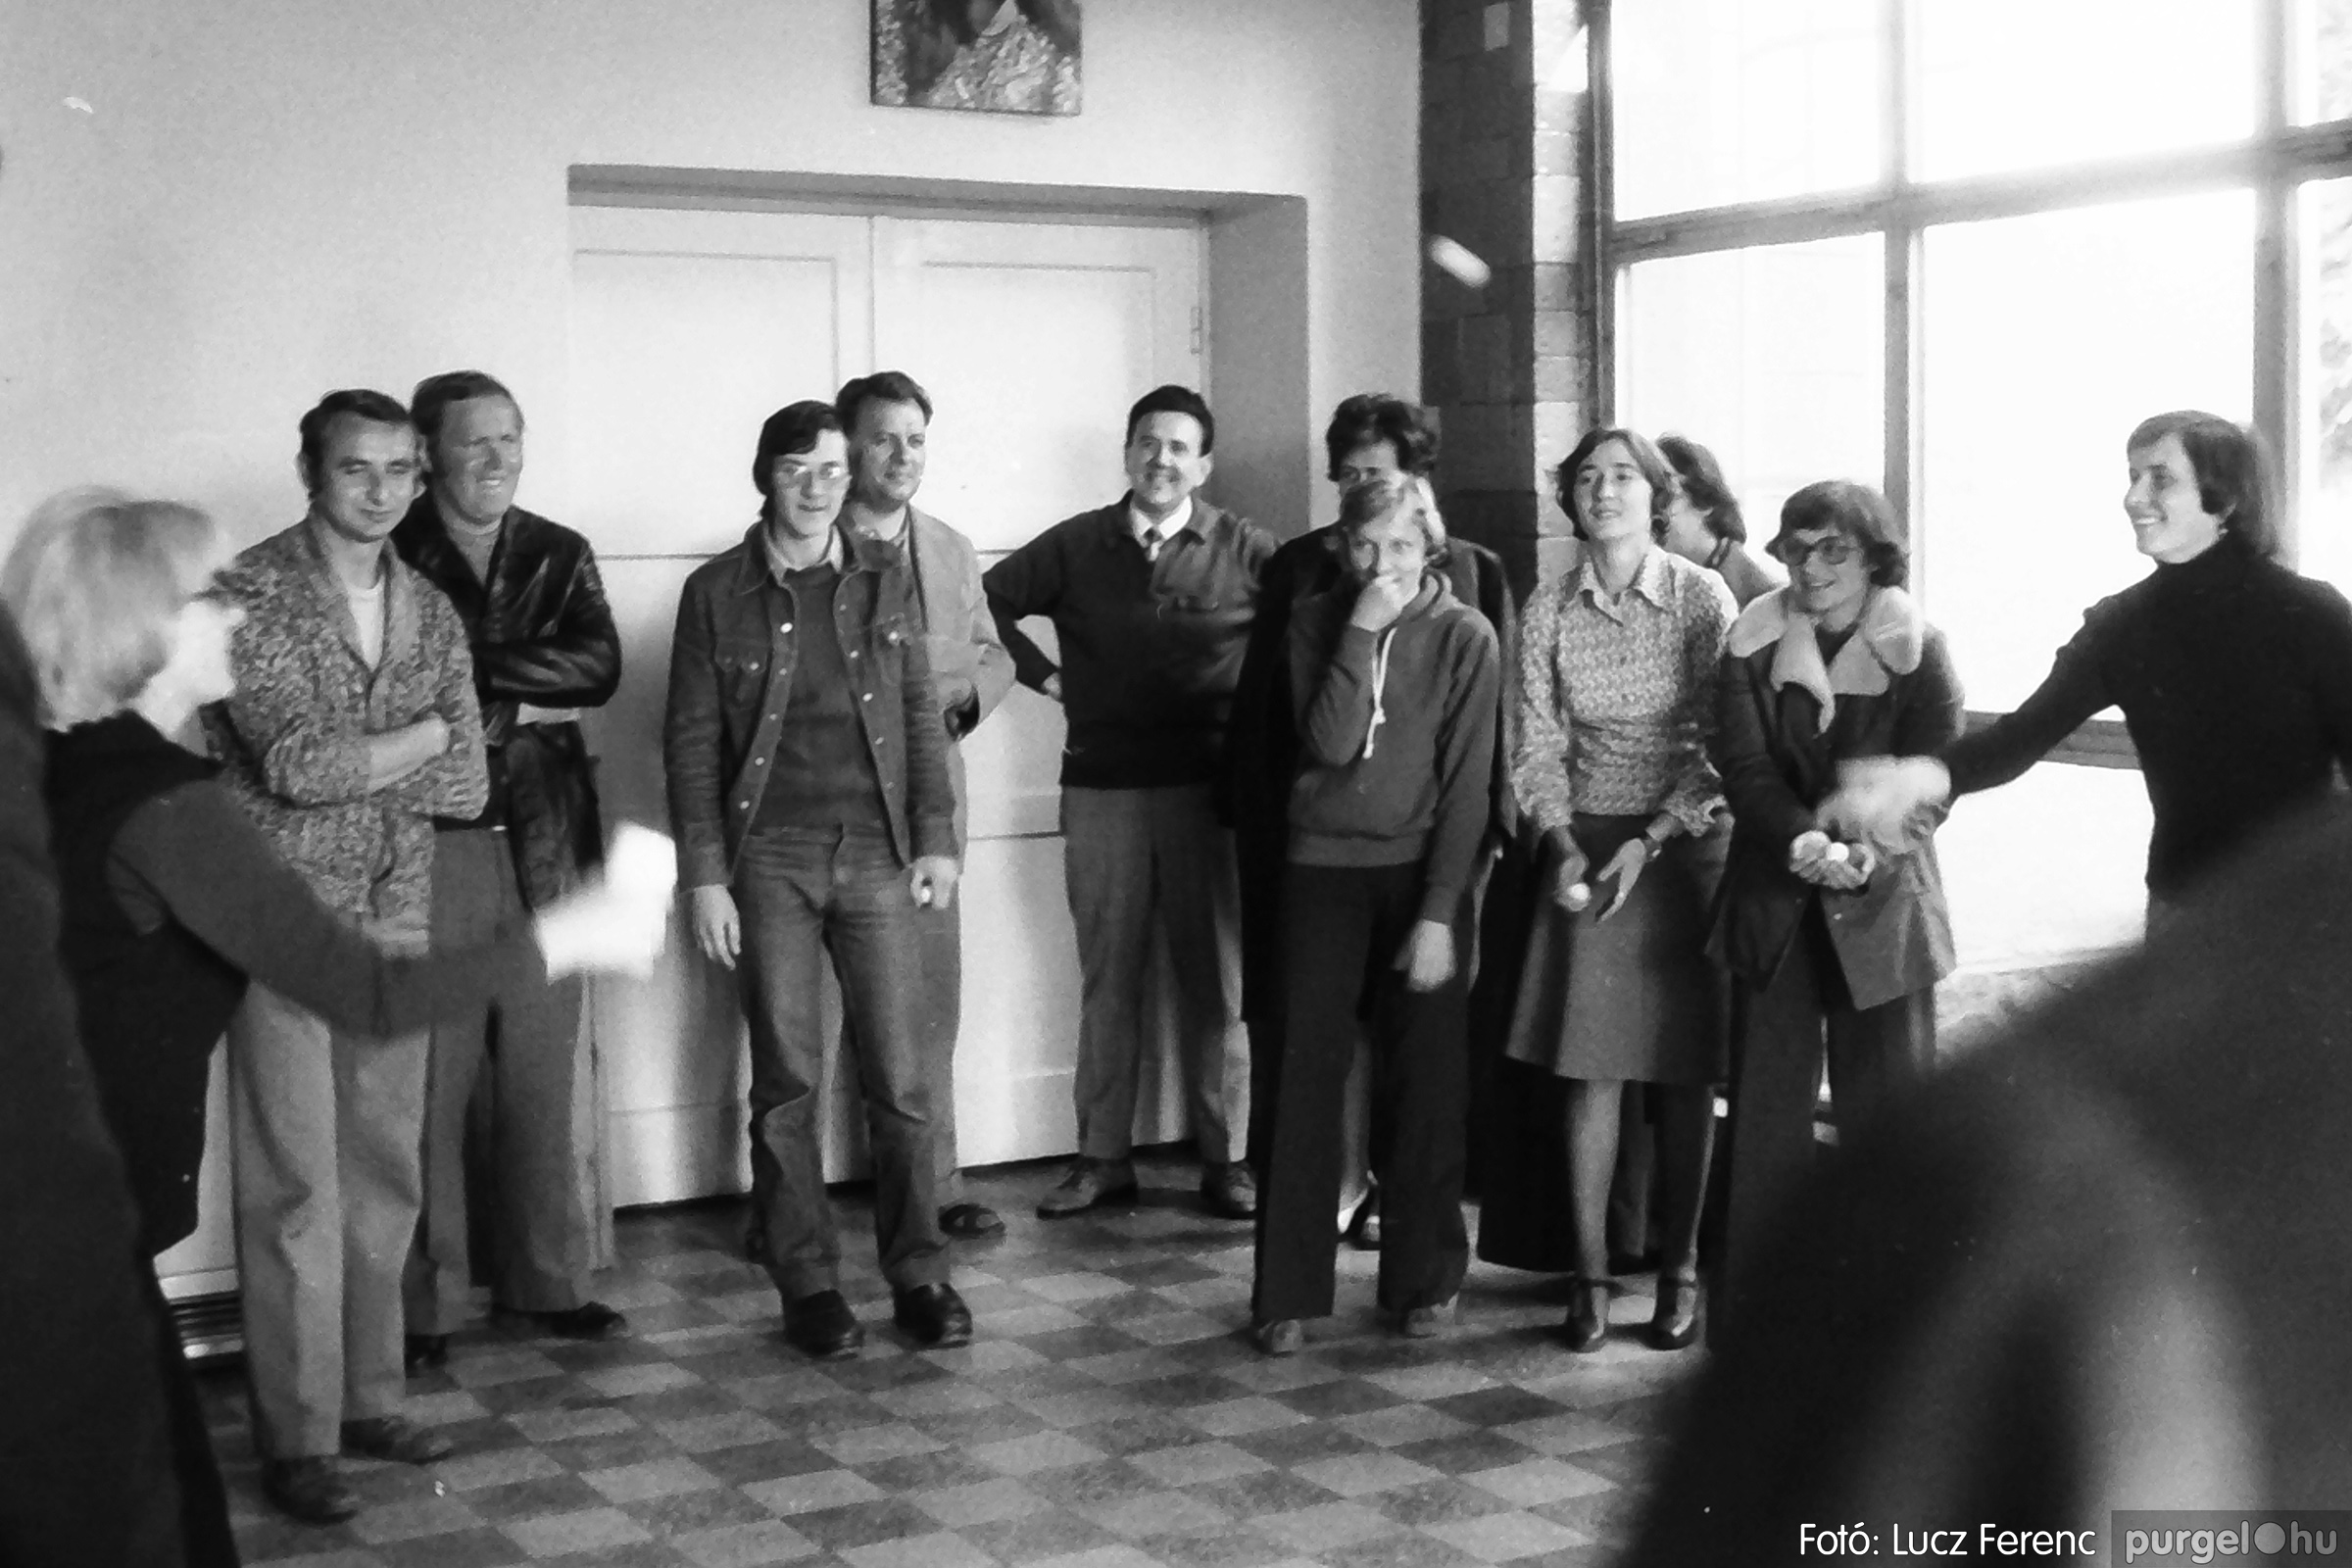 090. 1977. Puskin TSZ szocialista brigád vetélkedője 005. - Fotó: Lucz Ferenc.jpg